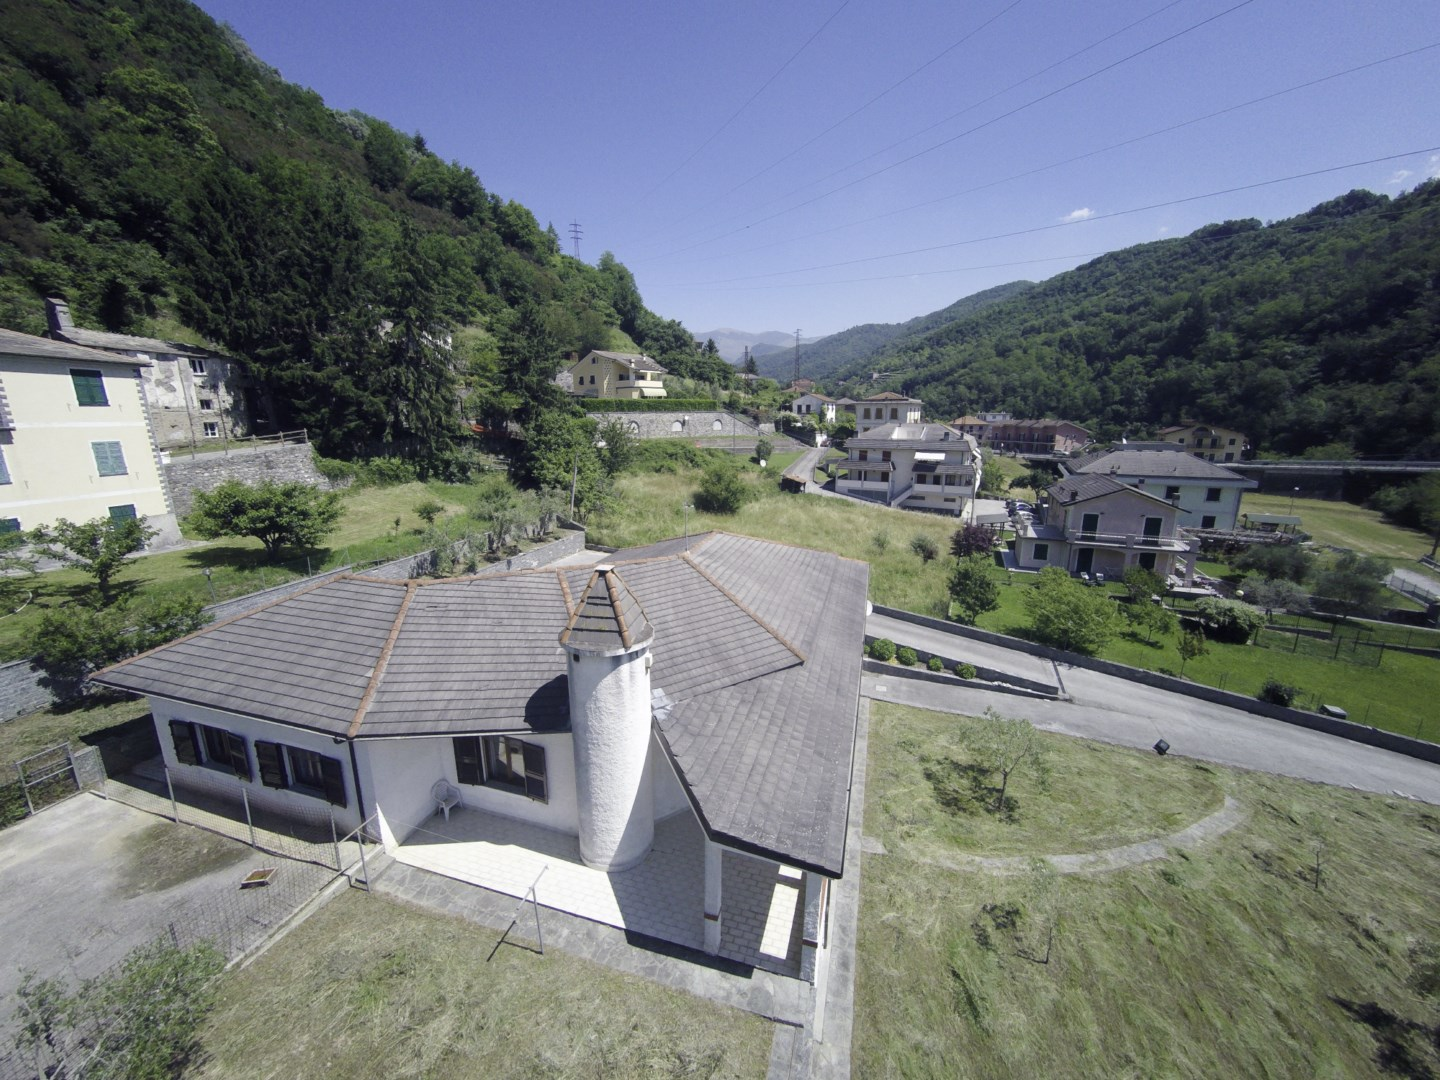 Villa in vendita a Mezzanego, 14 locali, zona Località: BorgonovoLigure, prezzo € 435.000   CambioCasa.it